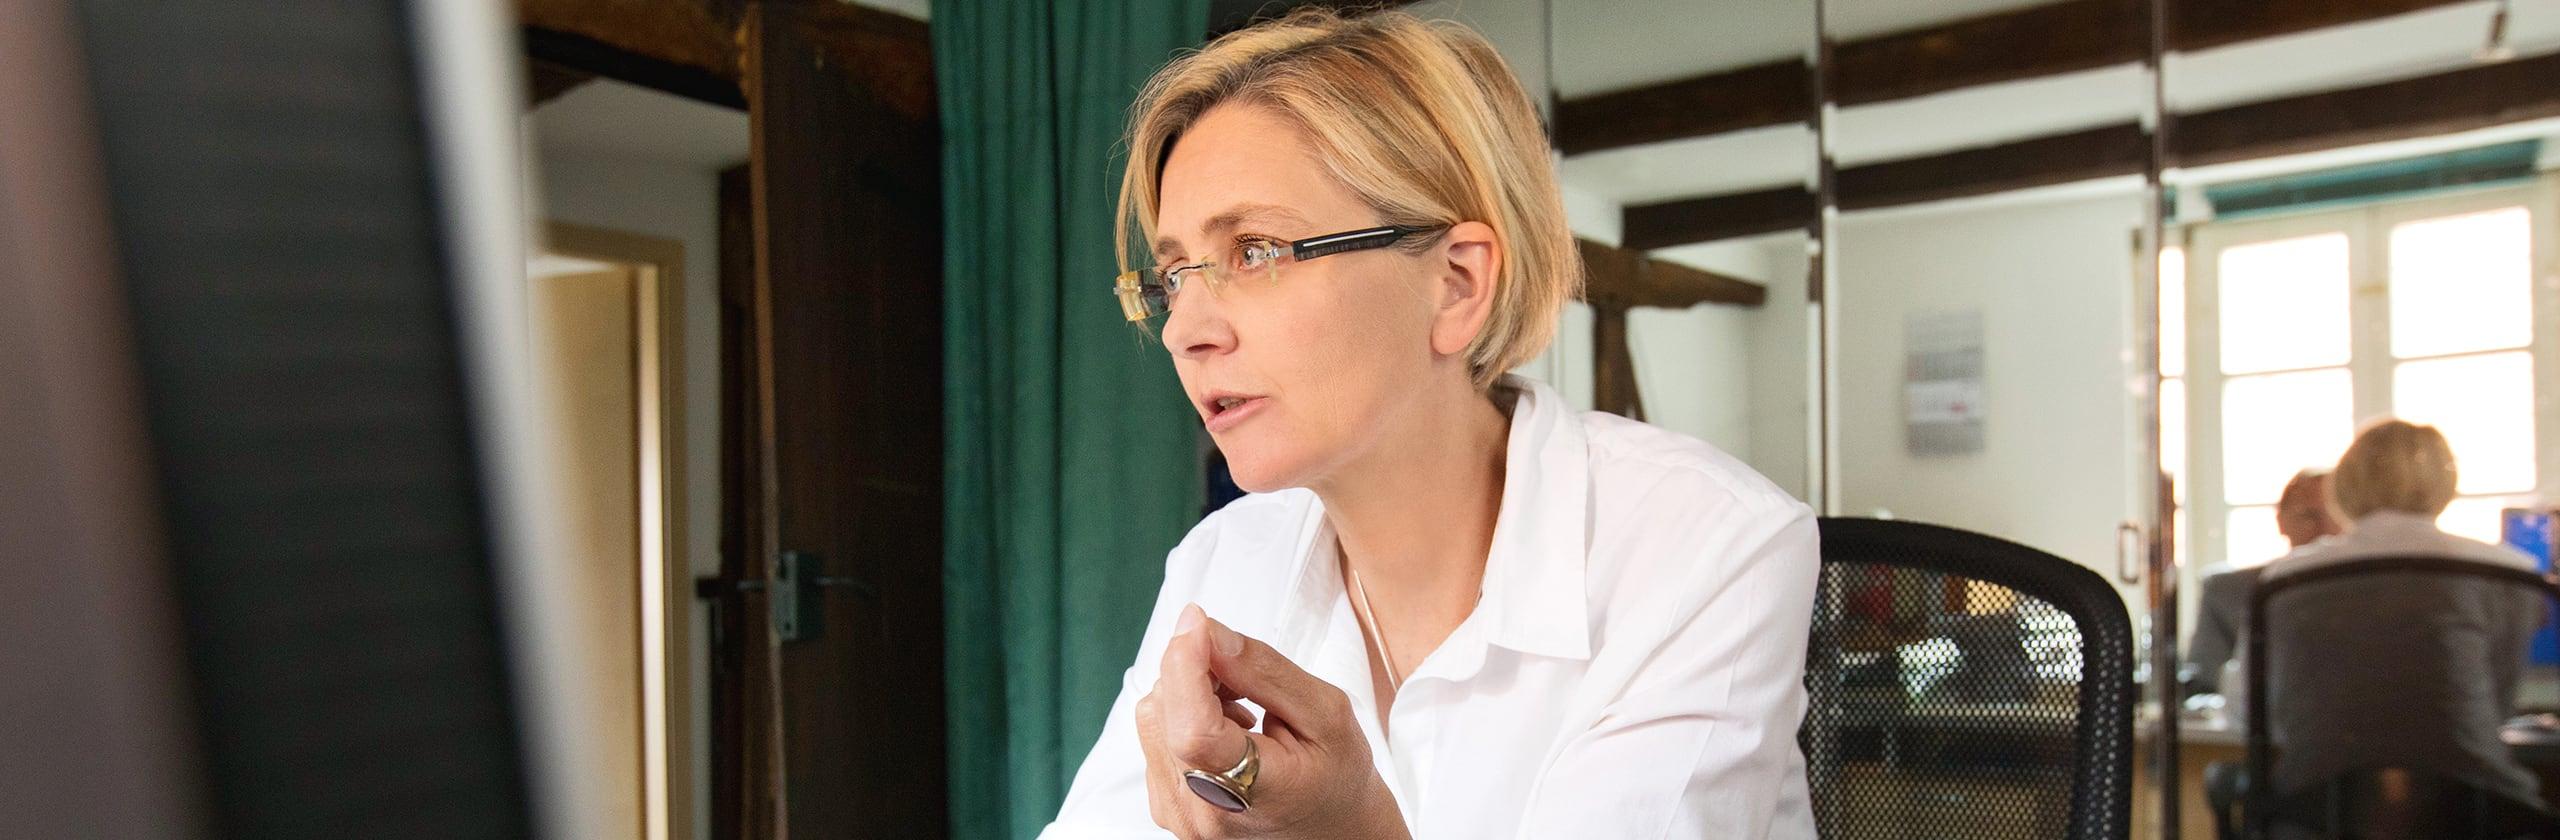 Karin Wroblowski bei der Arbeit in der Rechtsanwaltskanzlei Markus Matzkeit